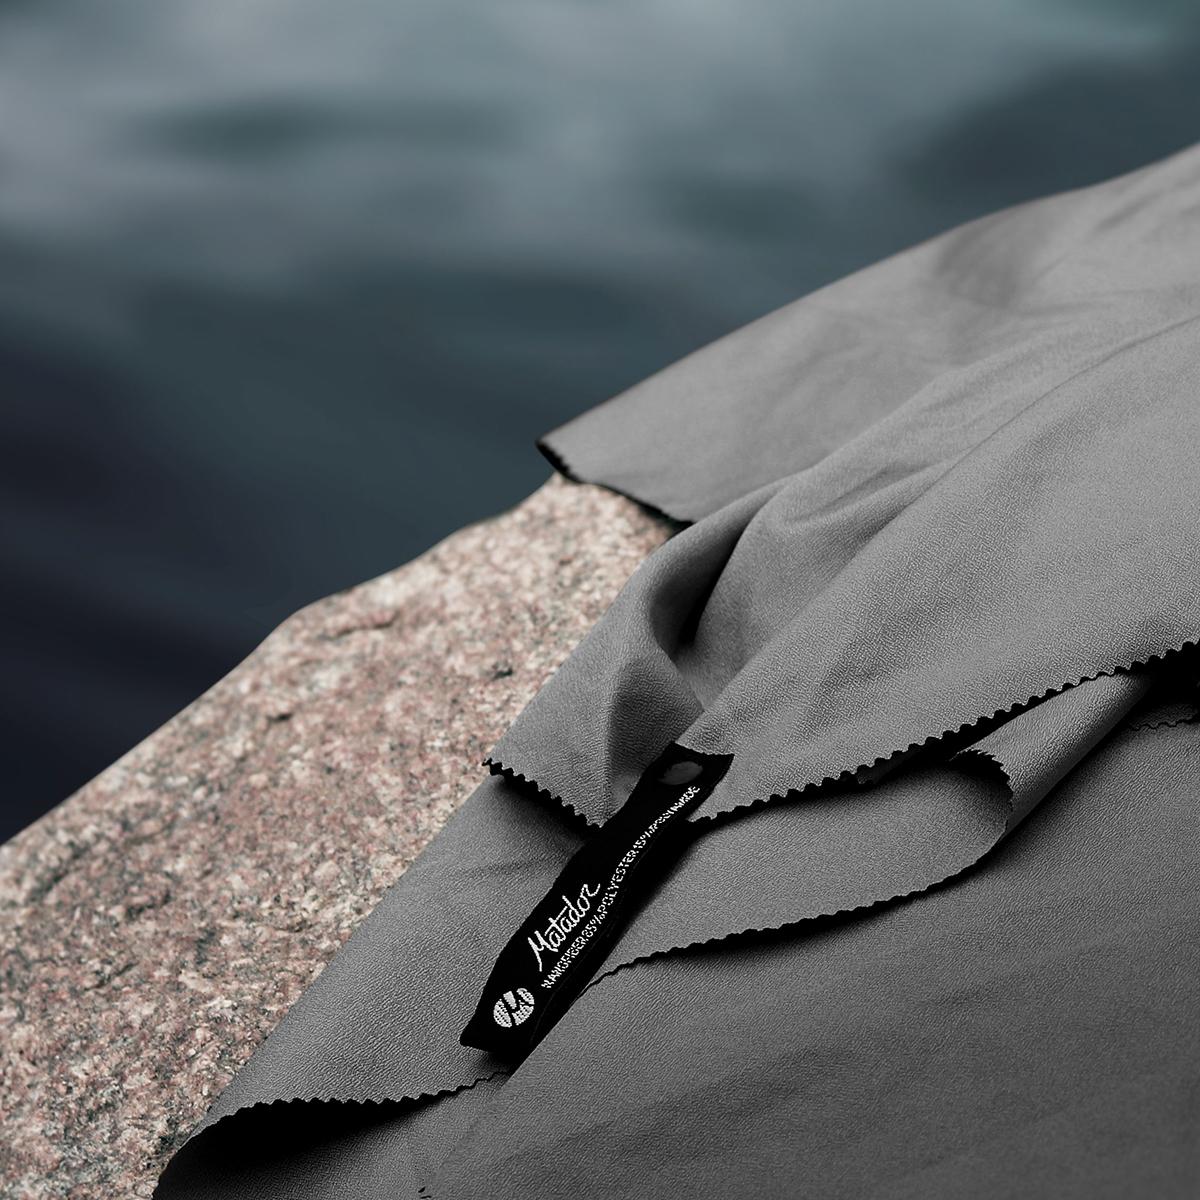 どこでも吊るせるスナップループで、自然乾燥しやすい。極薄&超軽量なのに驚きの吸水速乾性。手のひらサイズにたためる「ナノドライタオル」 | Matador NanoDry Shower Towel